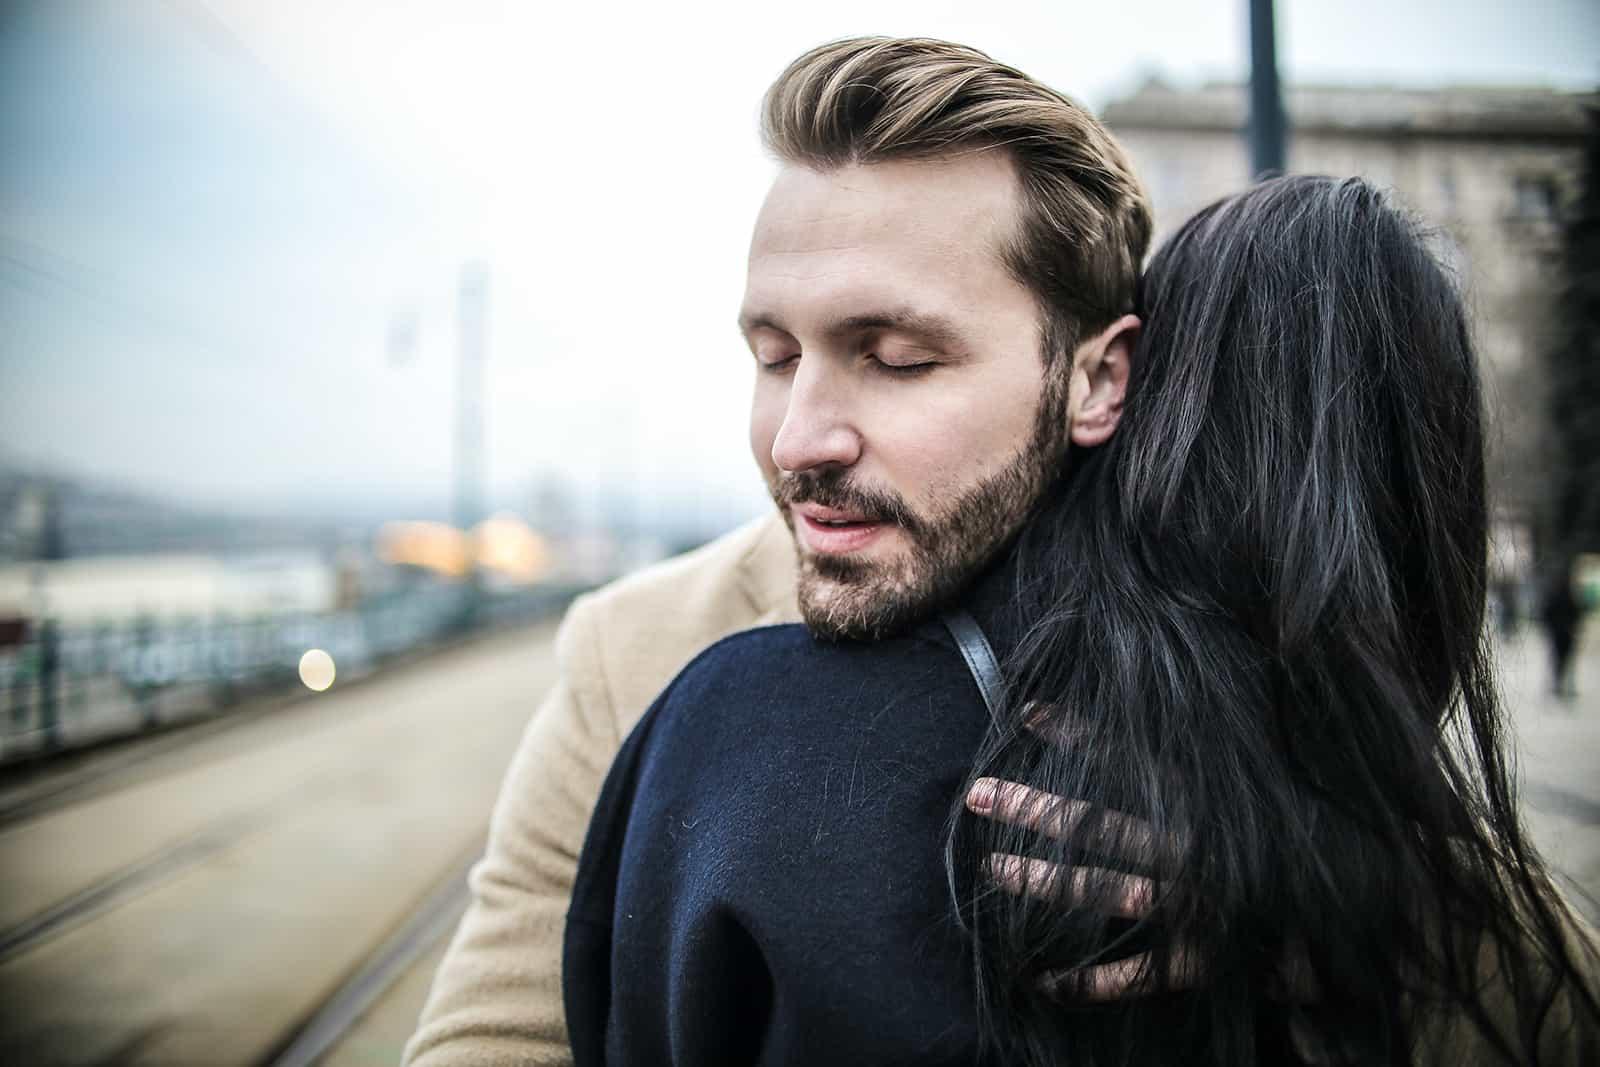 Ein Mann umarmt eine Frau auf der Straße